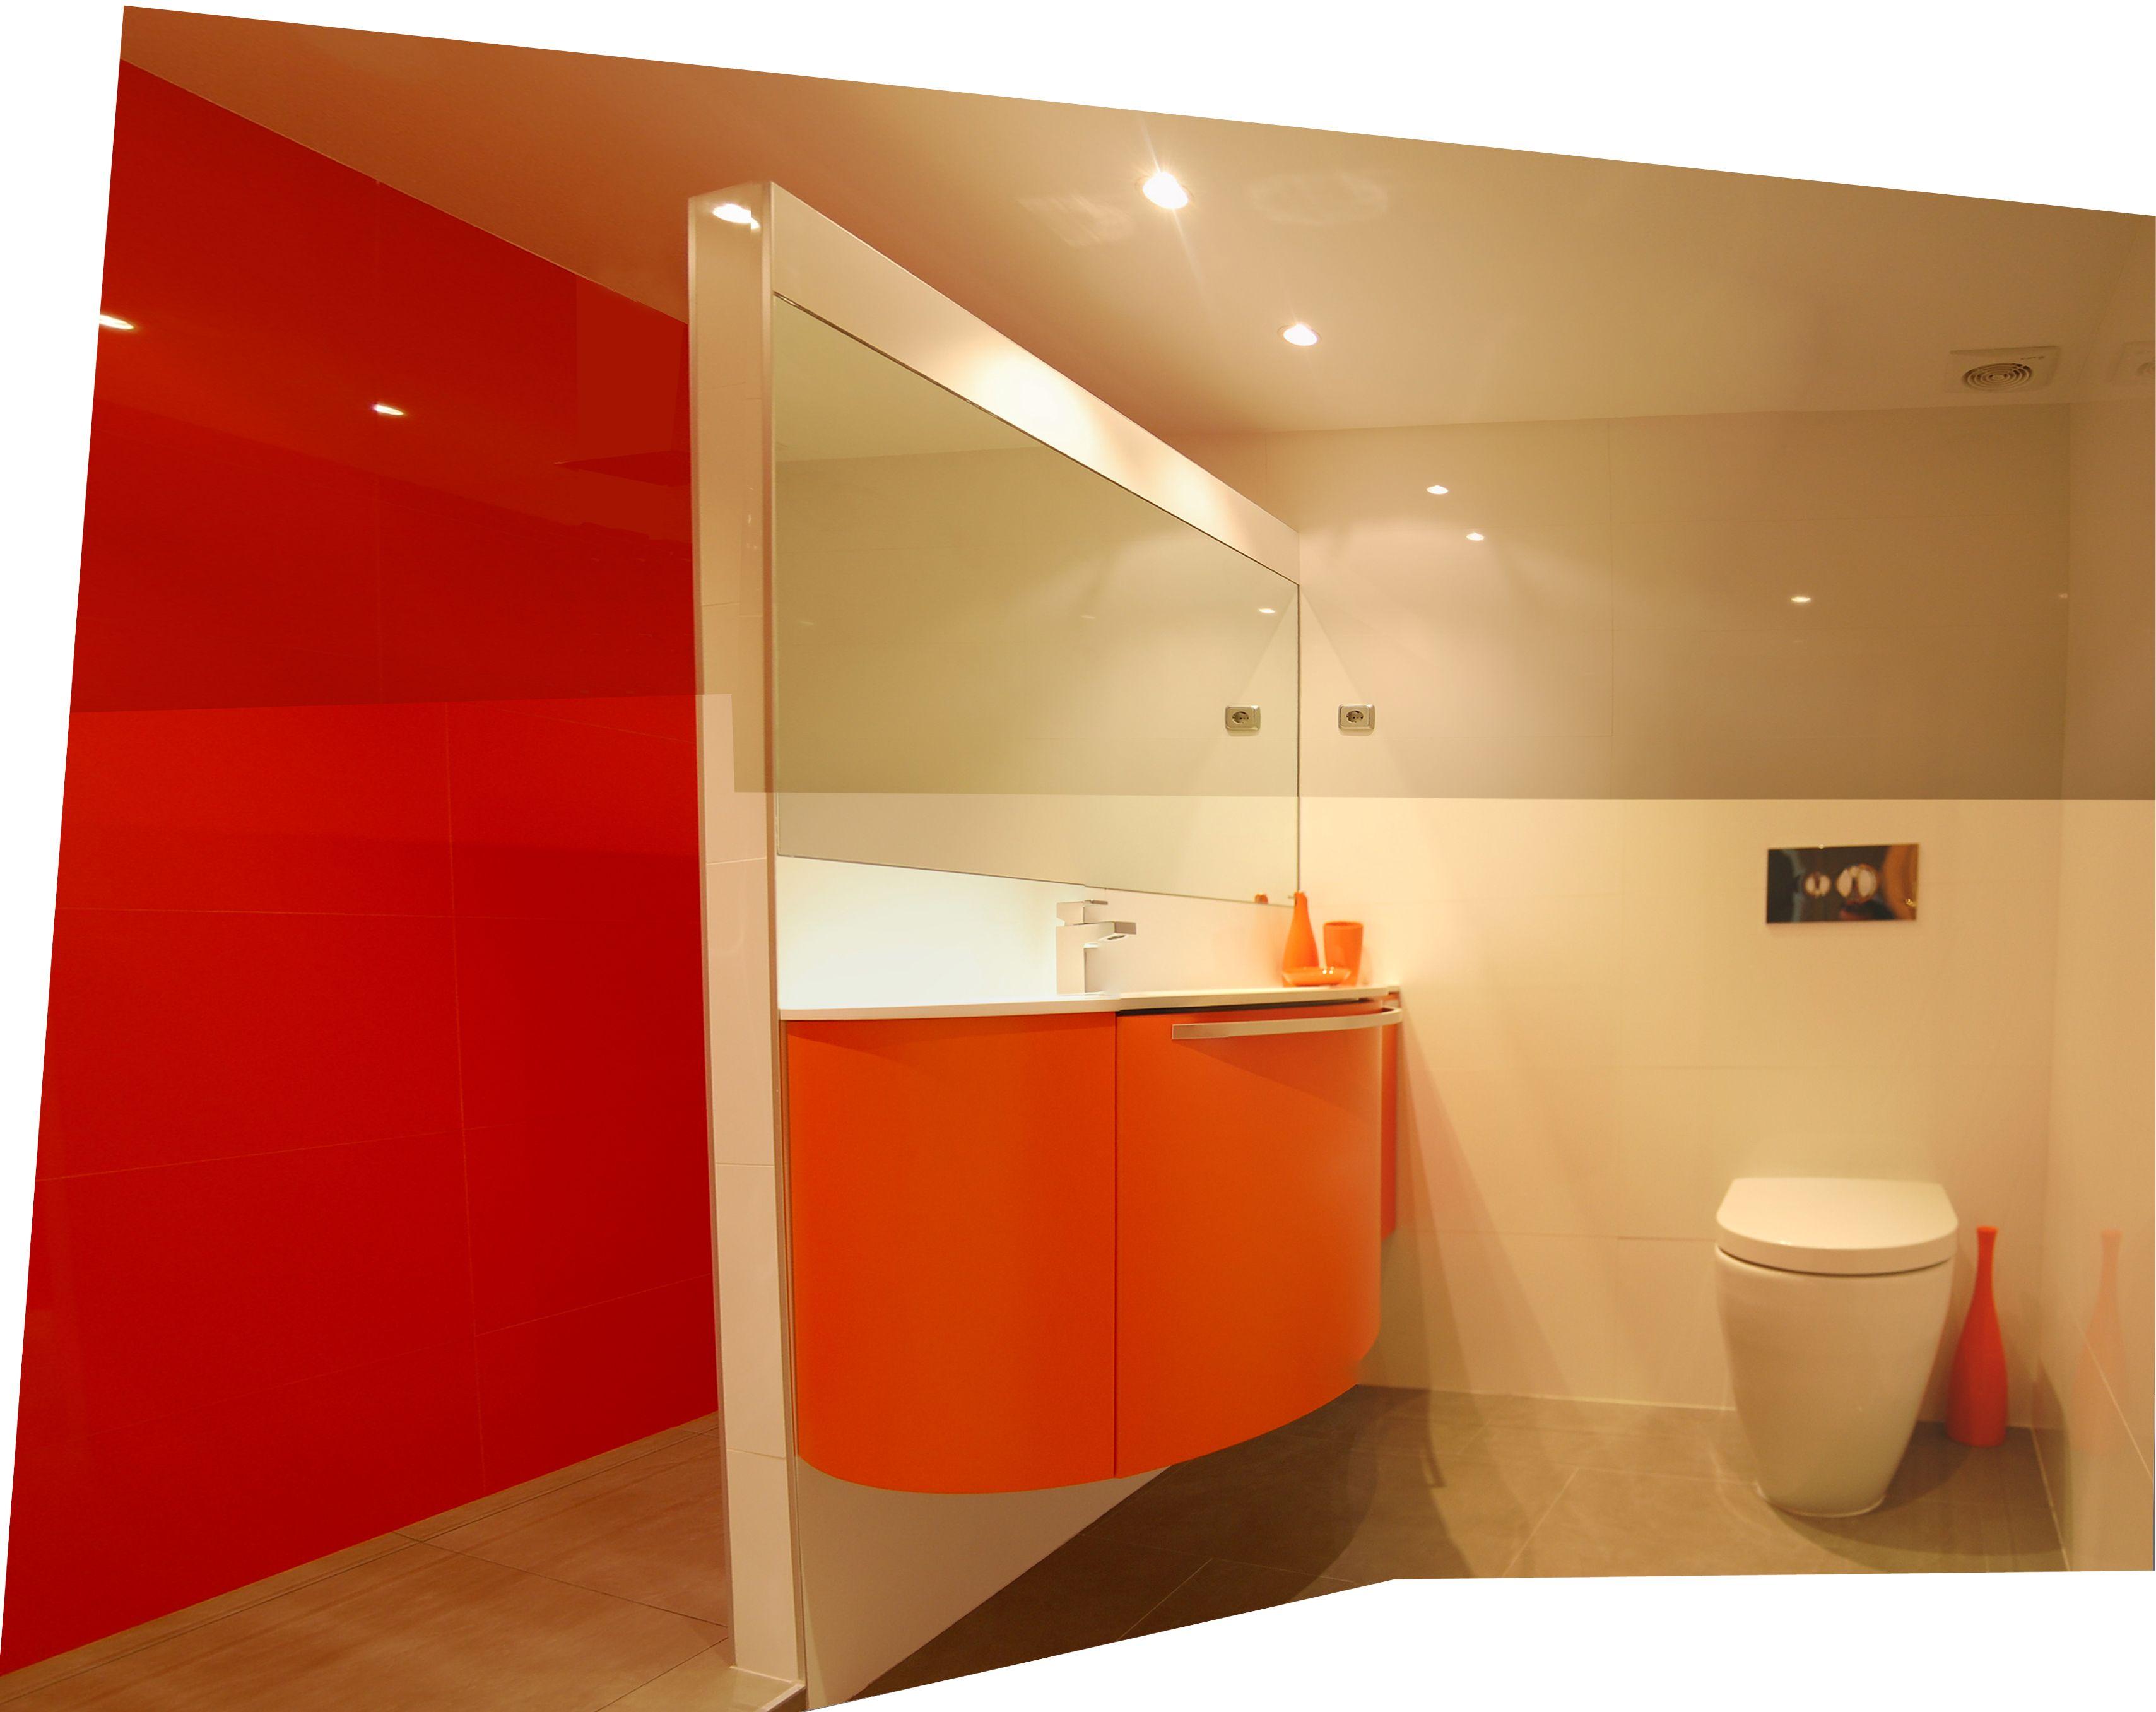 Bano Moderno En Blanco Y Naranja Con Mueble Curvo Banos Modernos